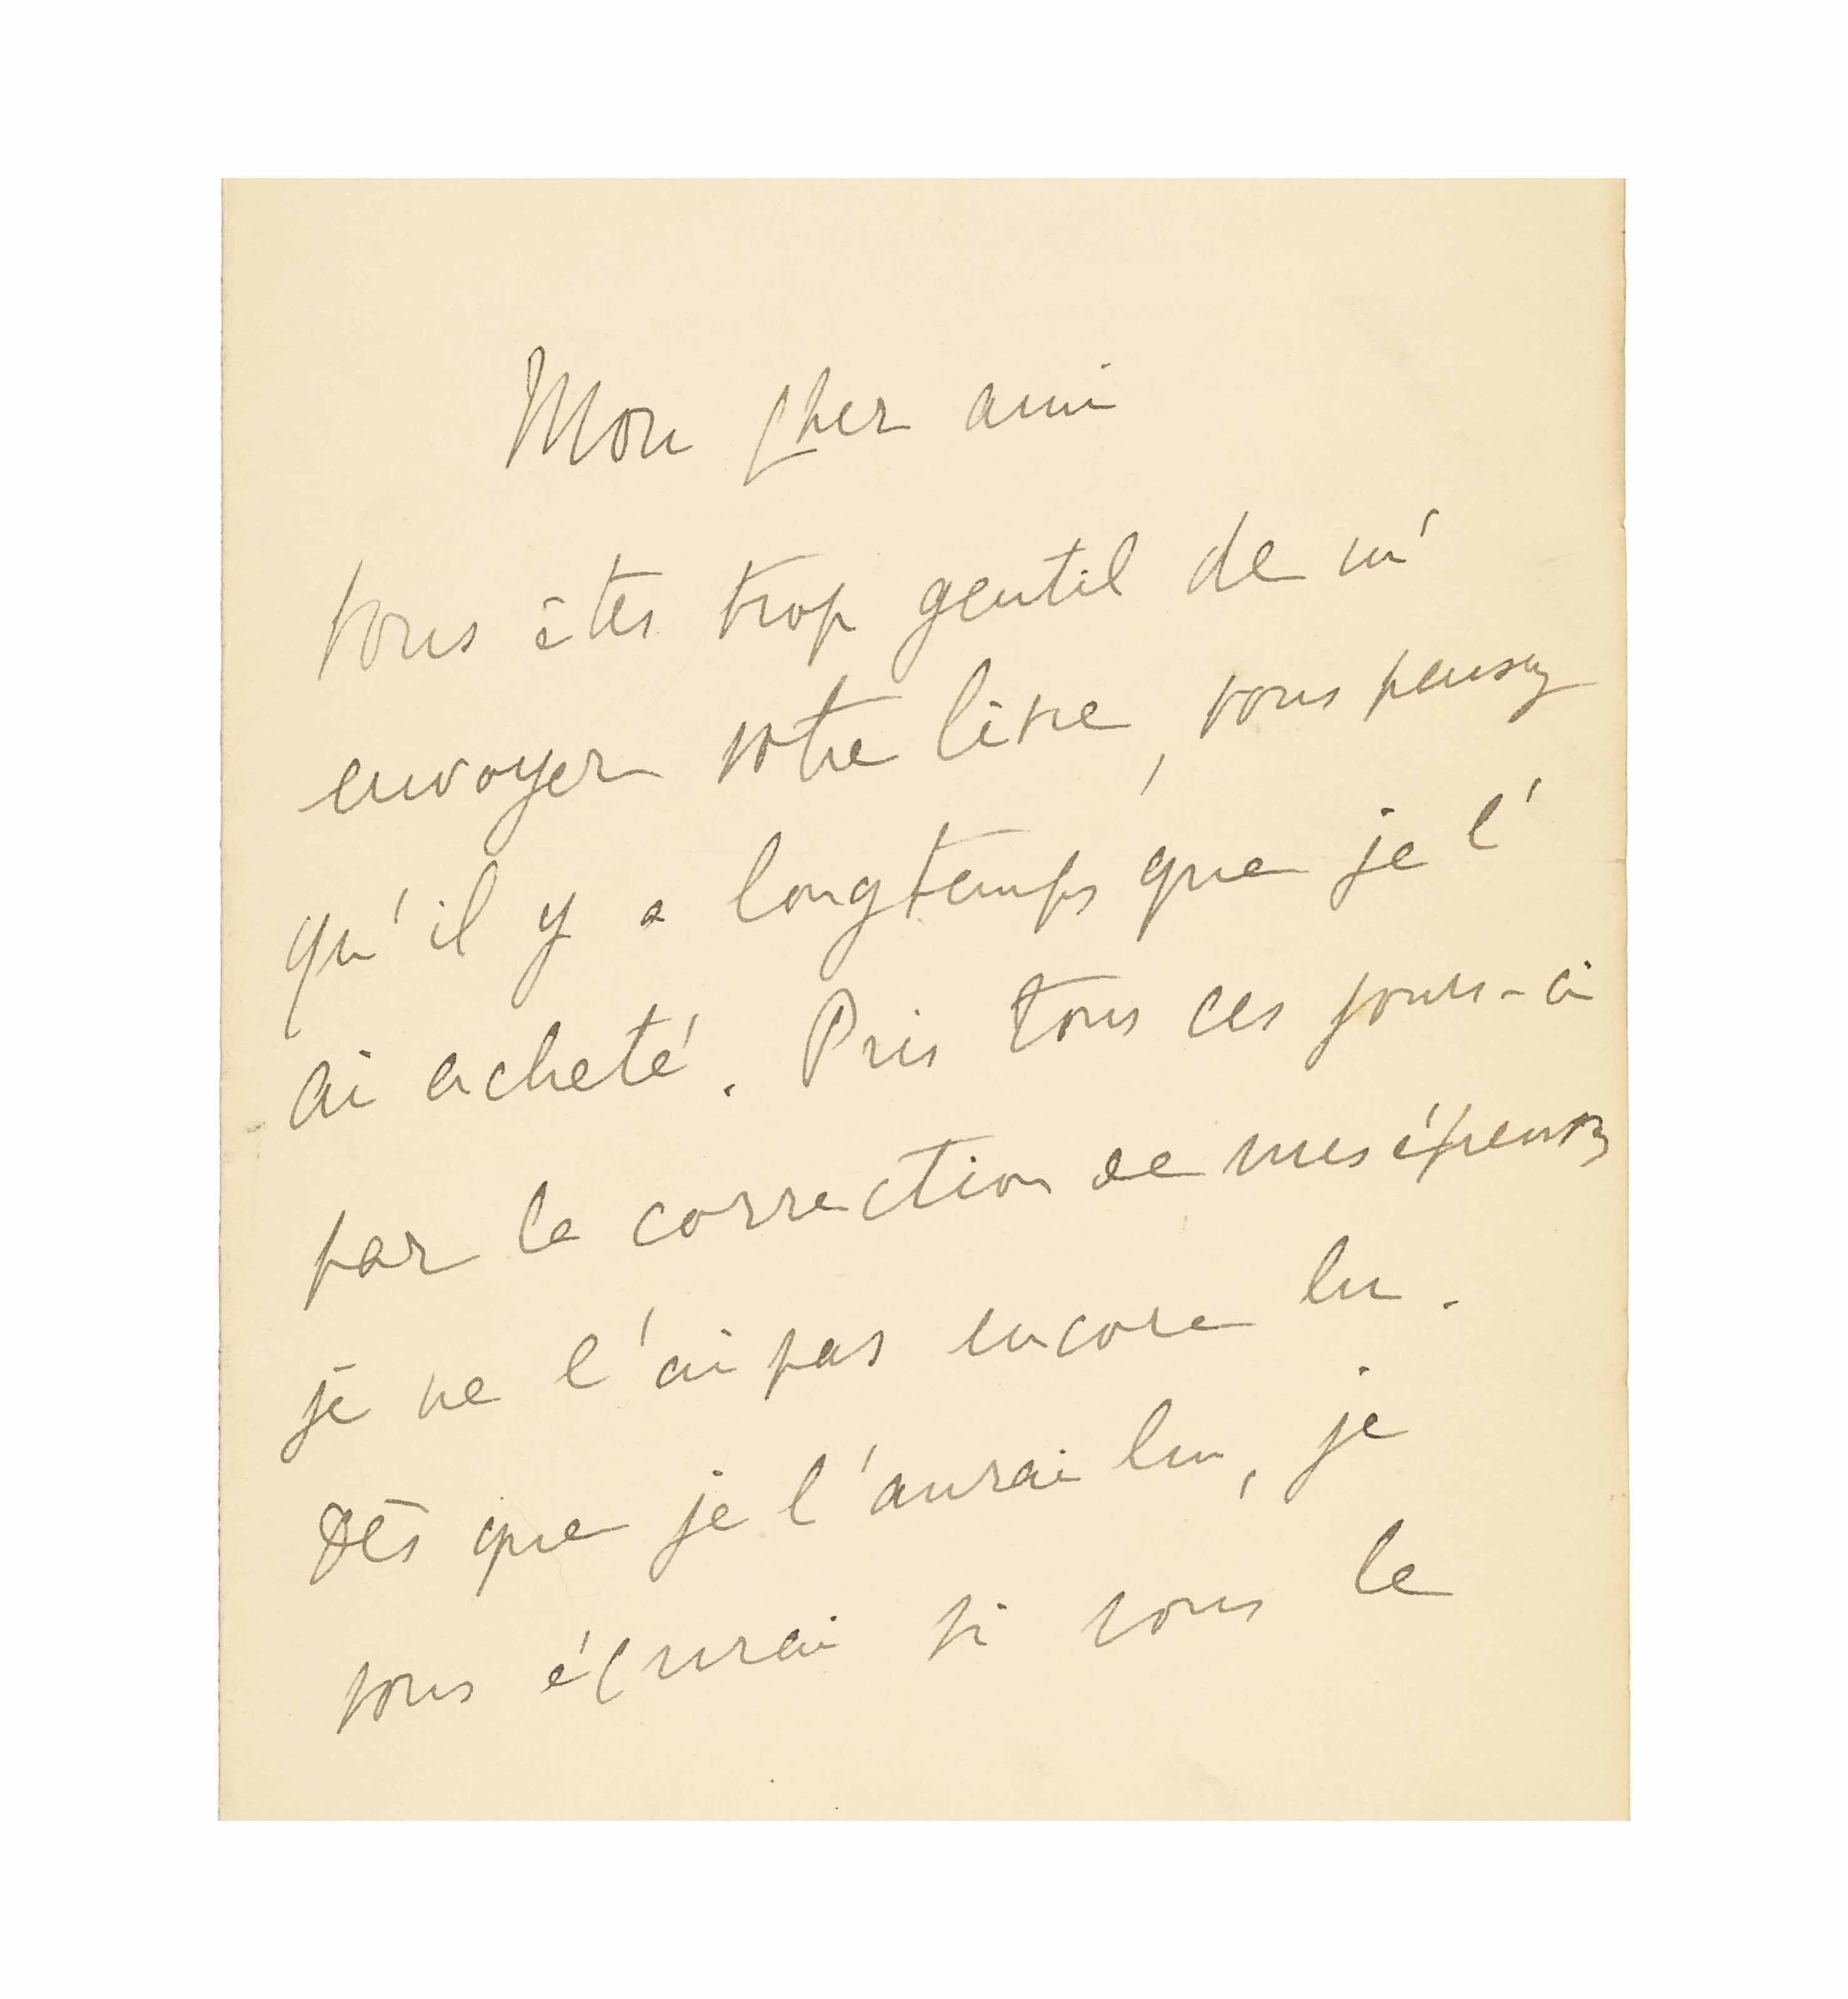 Marcel PROUST (1871-1922). Let